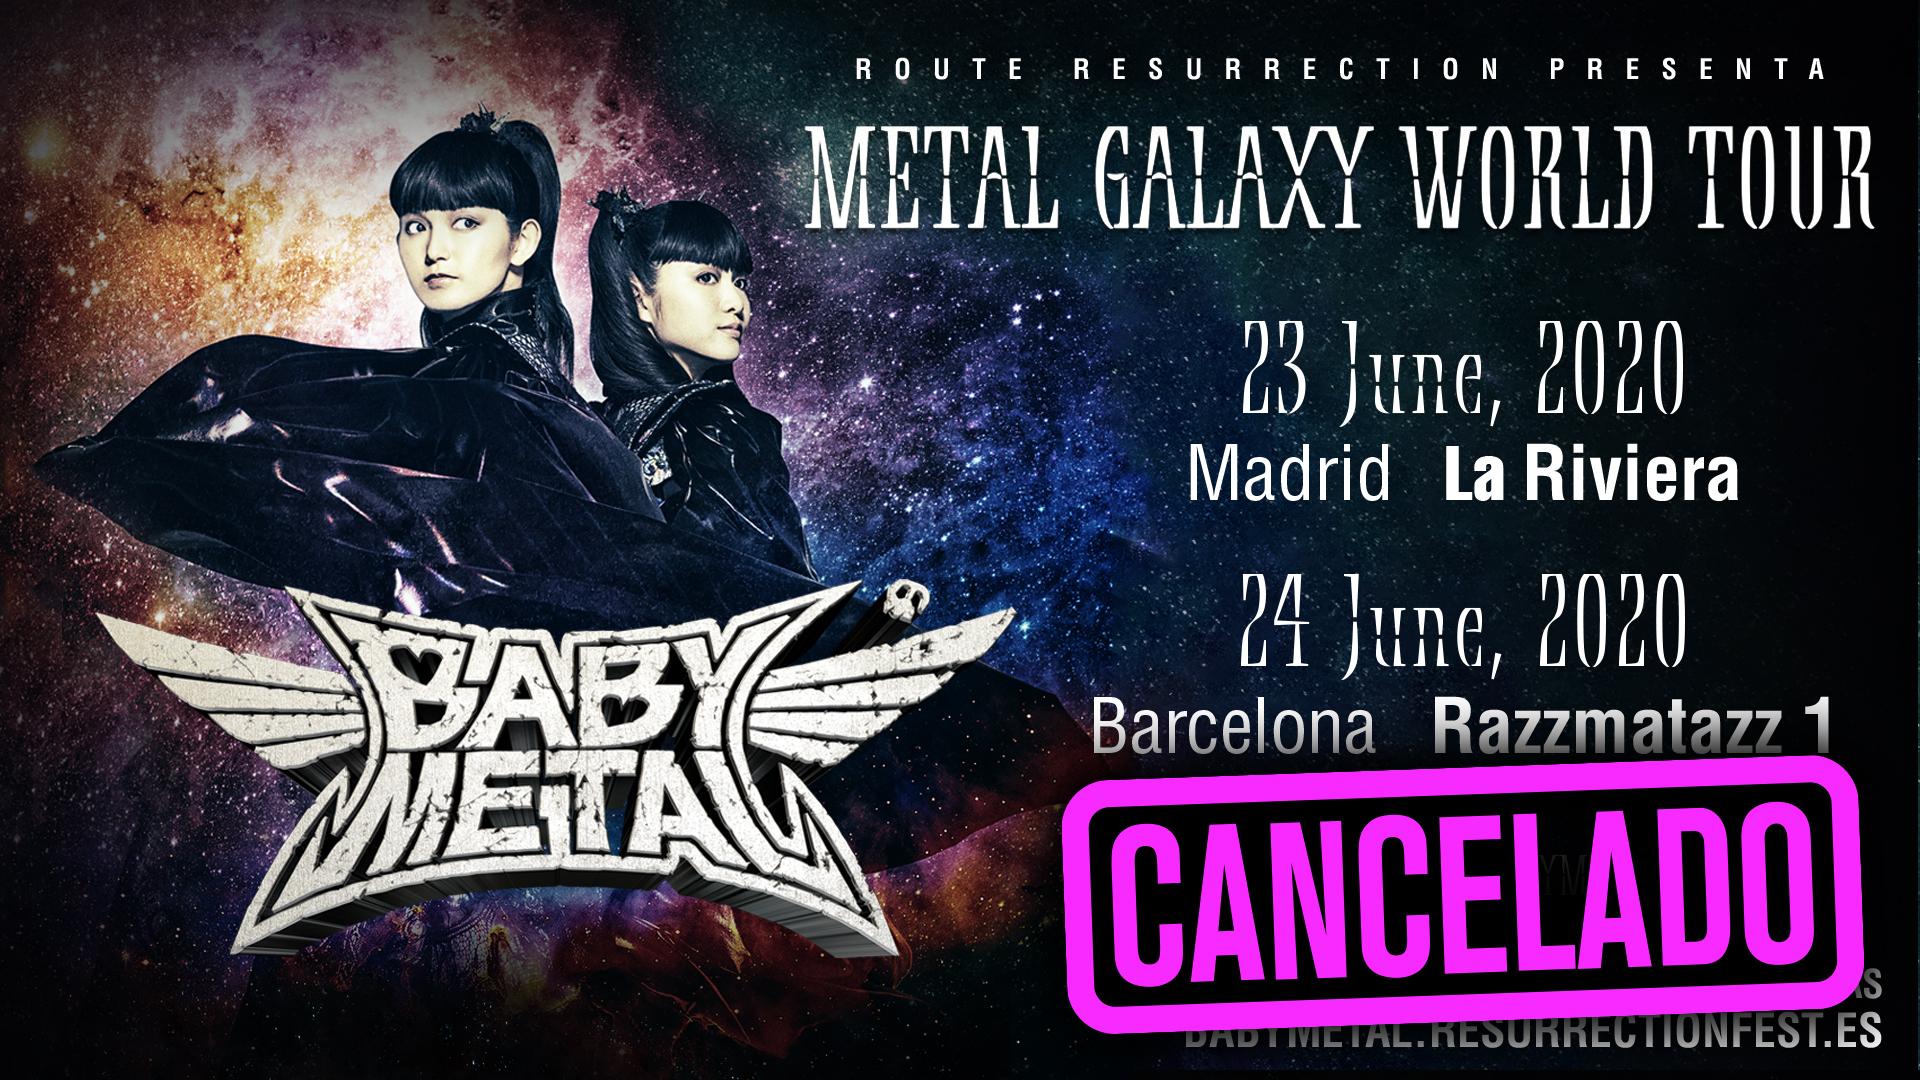 Route Resurrection Fest 2020 - Babymetal- Event